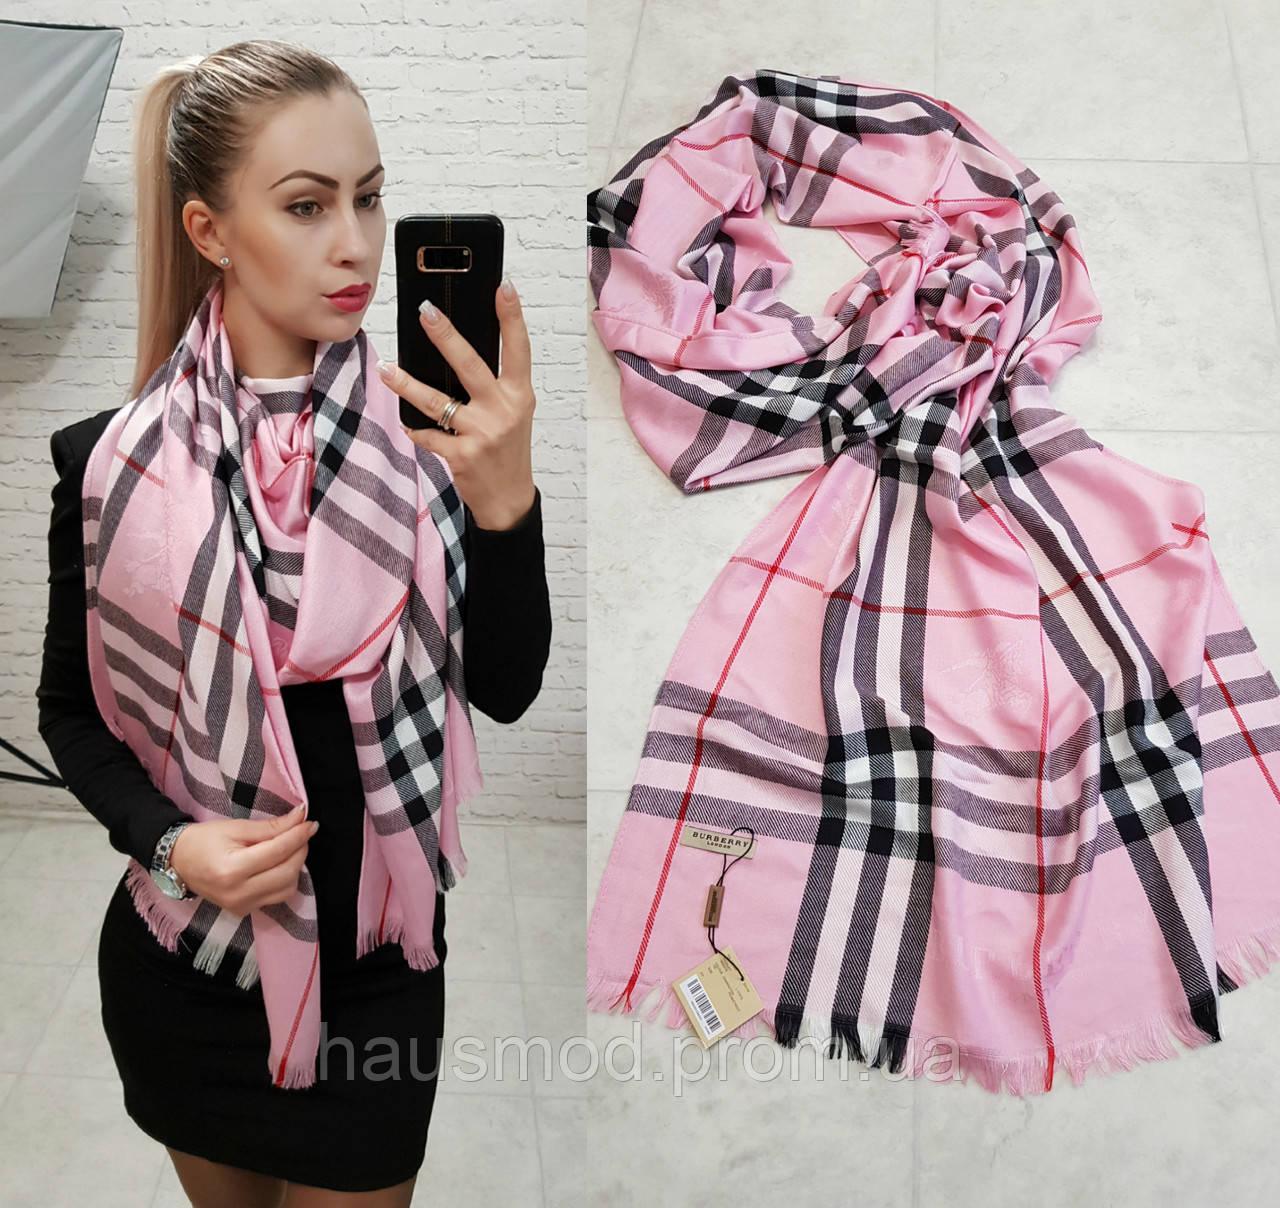 Палантин шарф брендовый реплика Burberry розовый